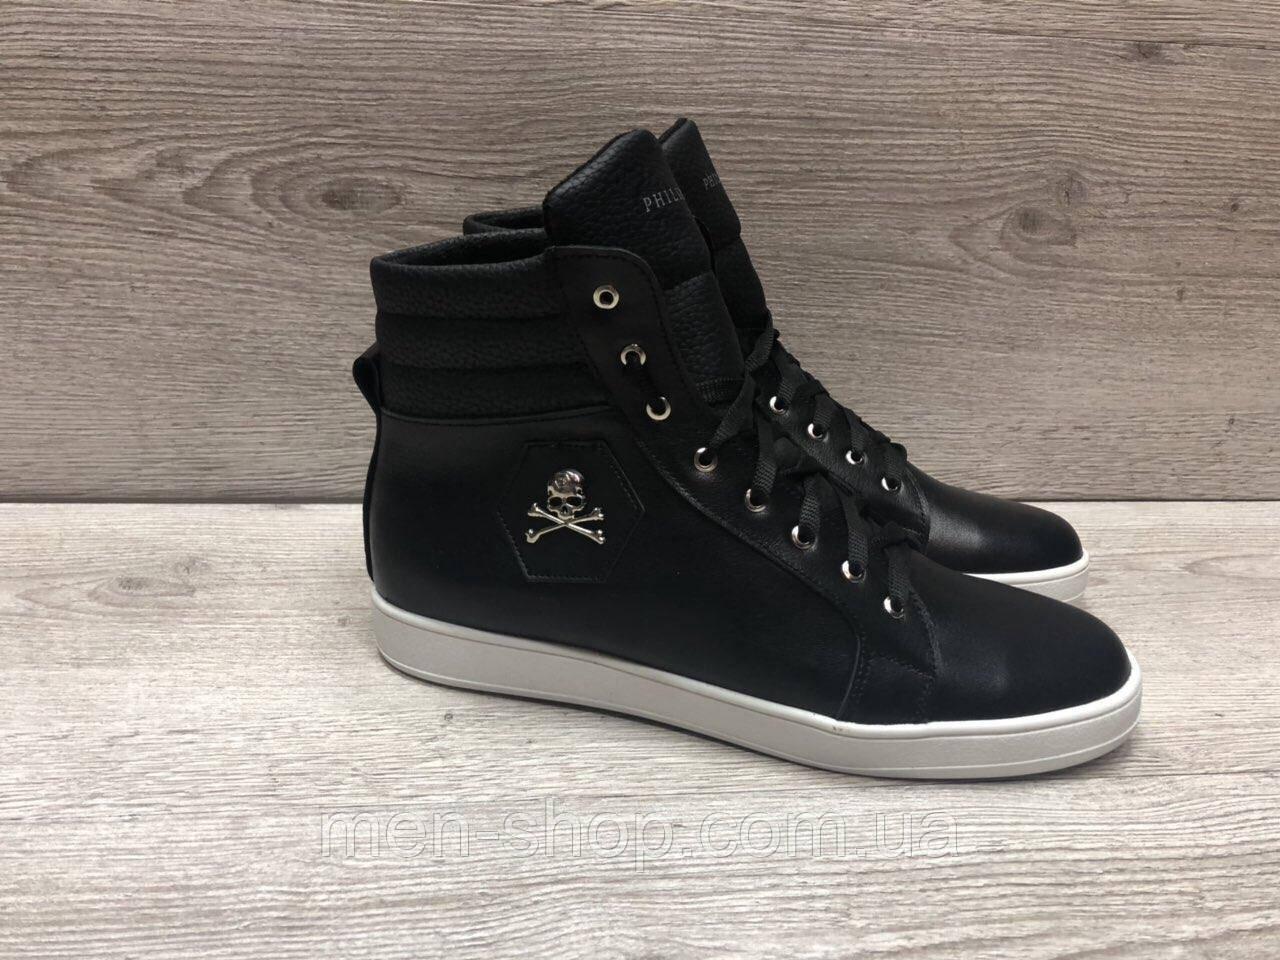 Кожаные Зимние мужские ботинки  на меху черные в стиле Philipp Plein